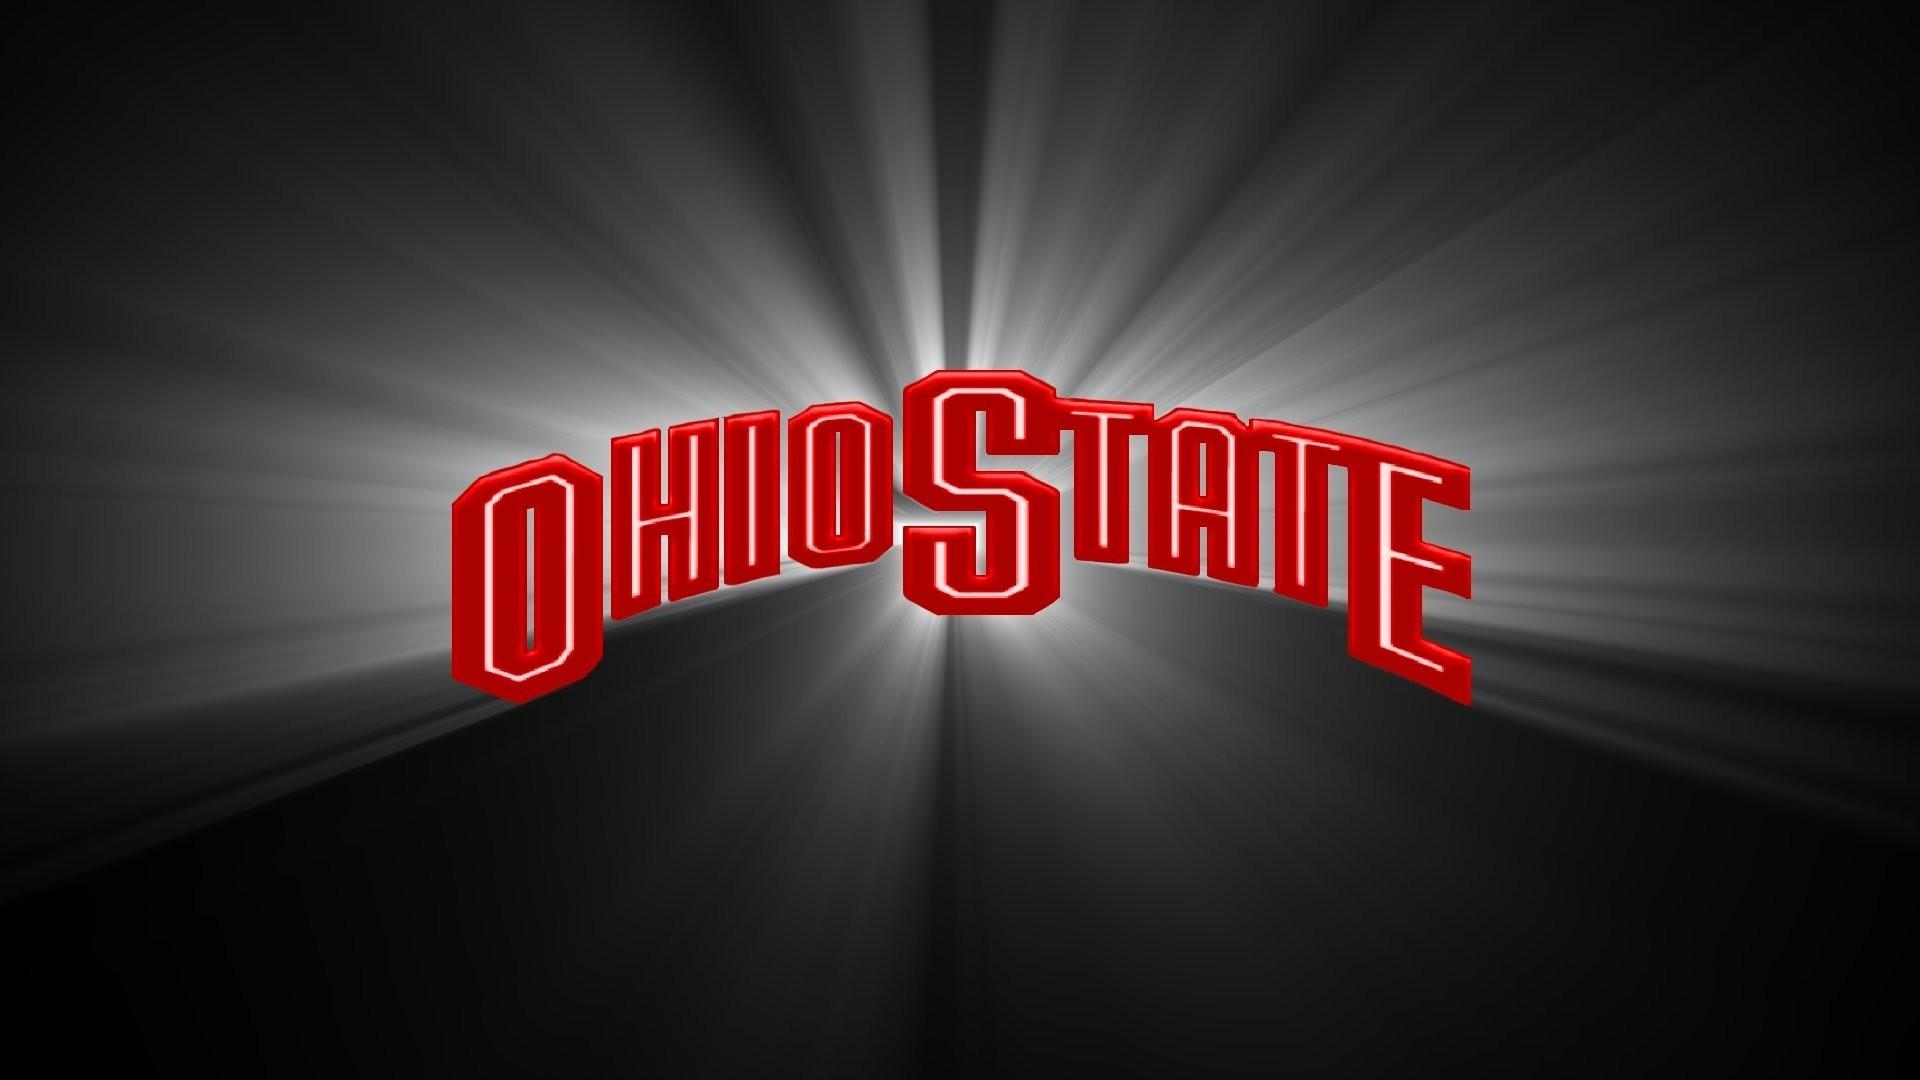 Ohio State a wallpaper